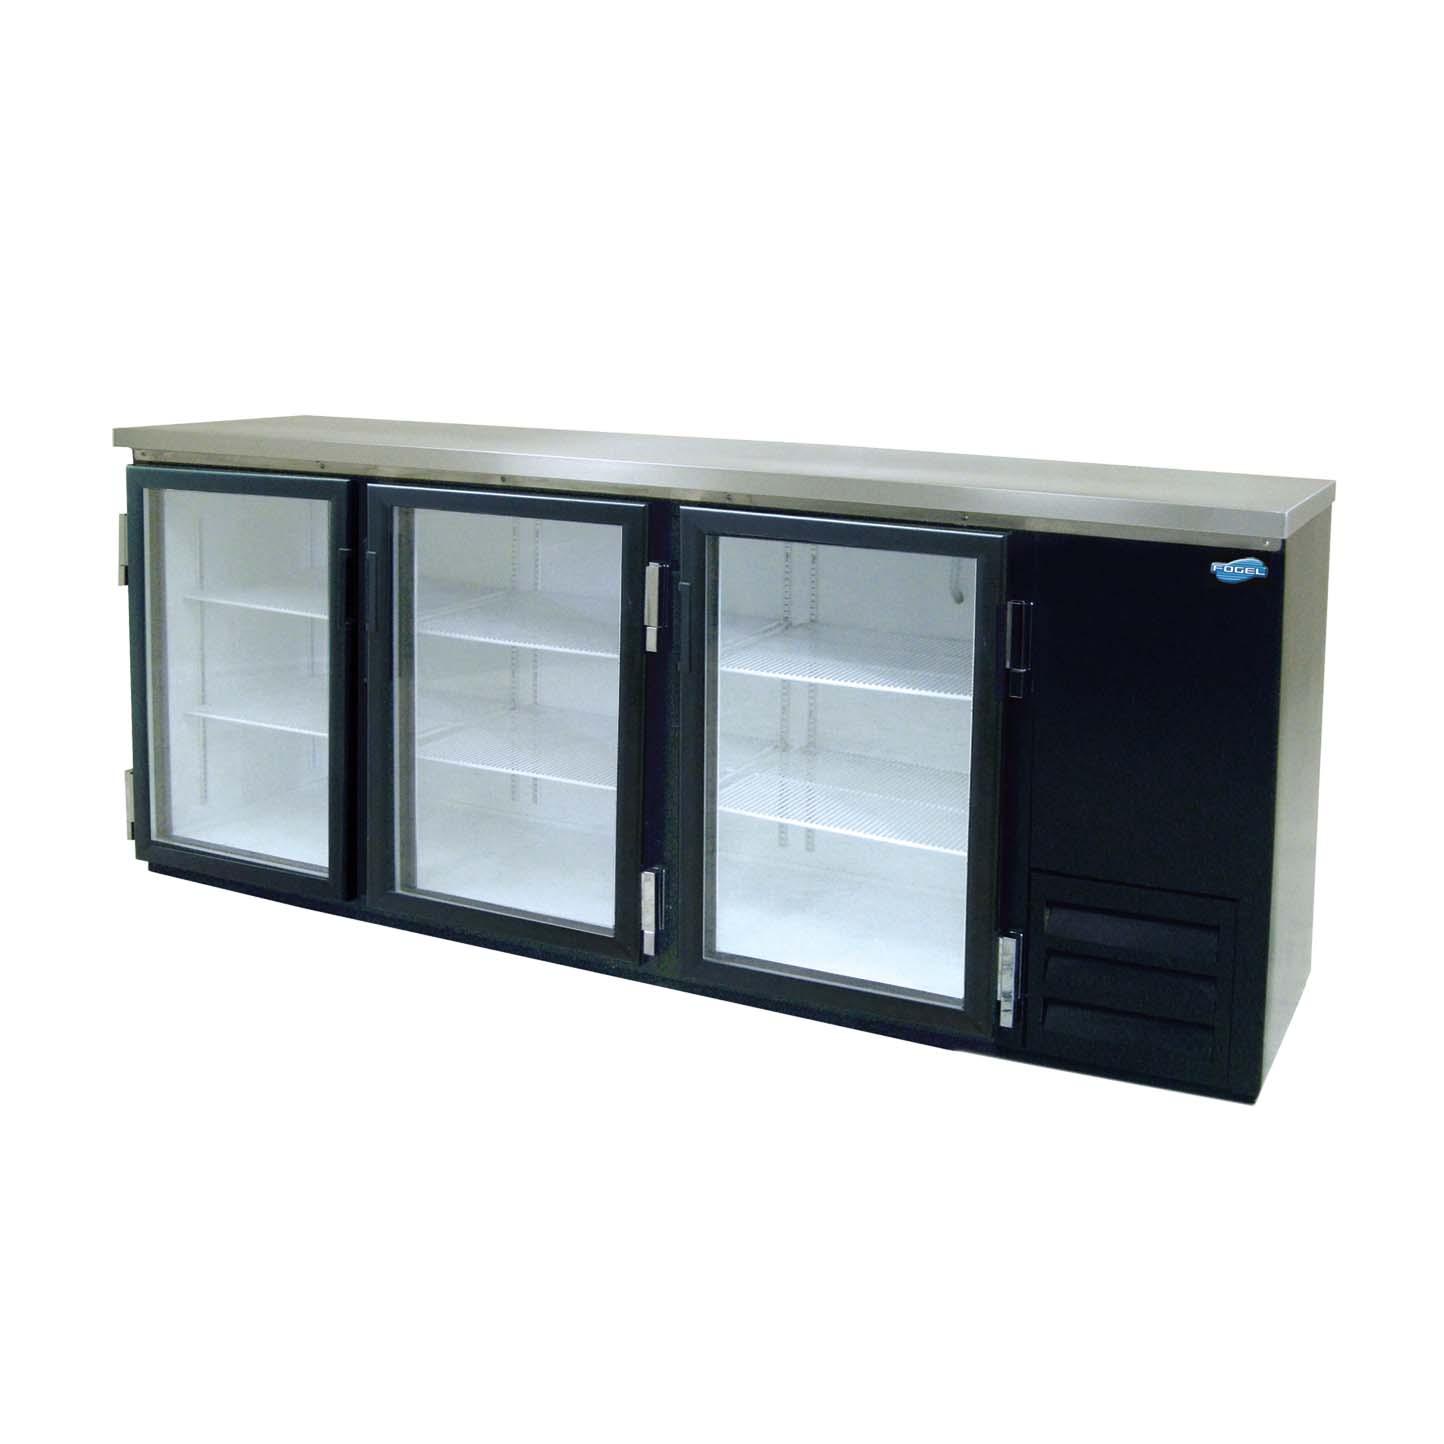 Fogel Refrigeration Mr 30 Gl Back Bar Cooler 3 Section